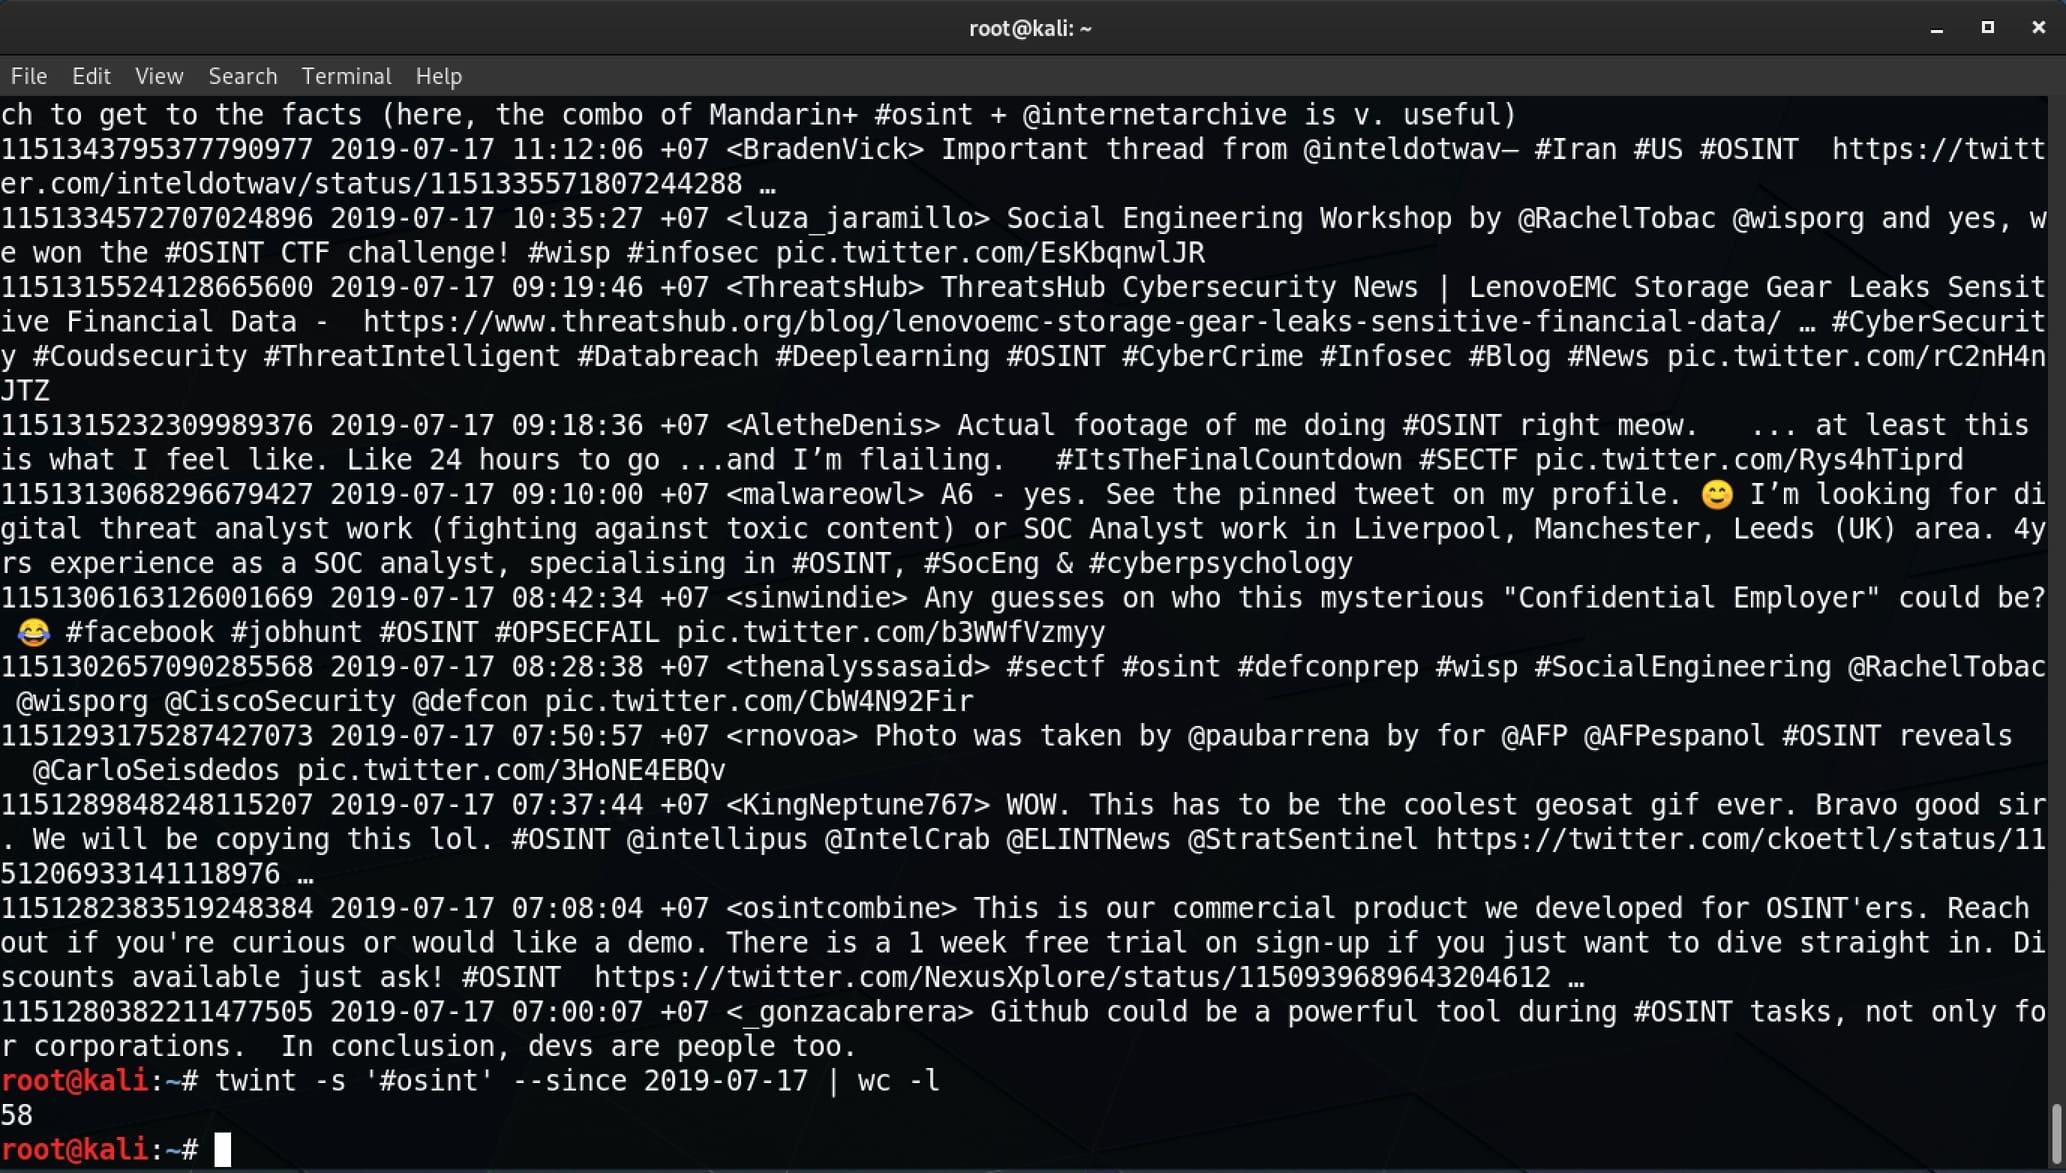 OSINT là gì? OSINT được sử dụng như thế nào để truy vết qua Internet? 7